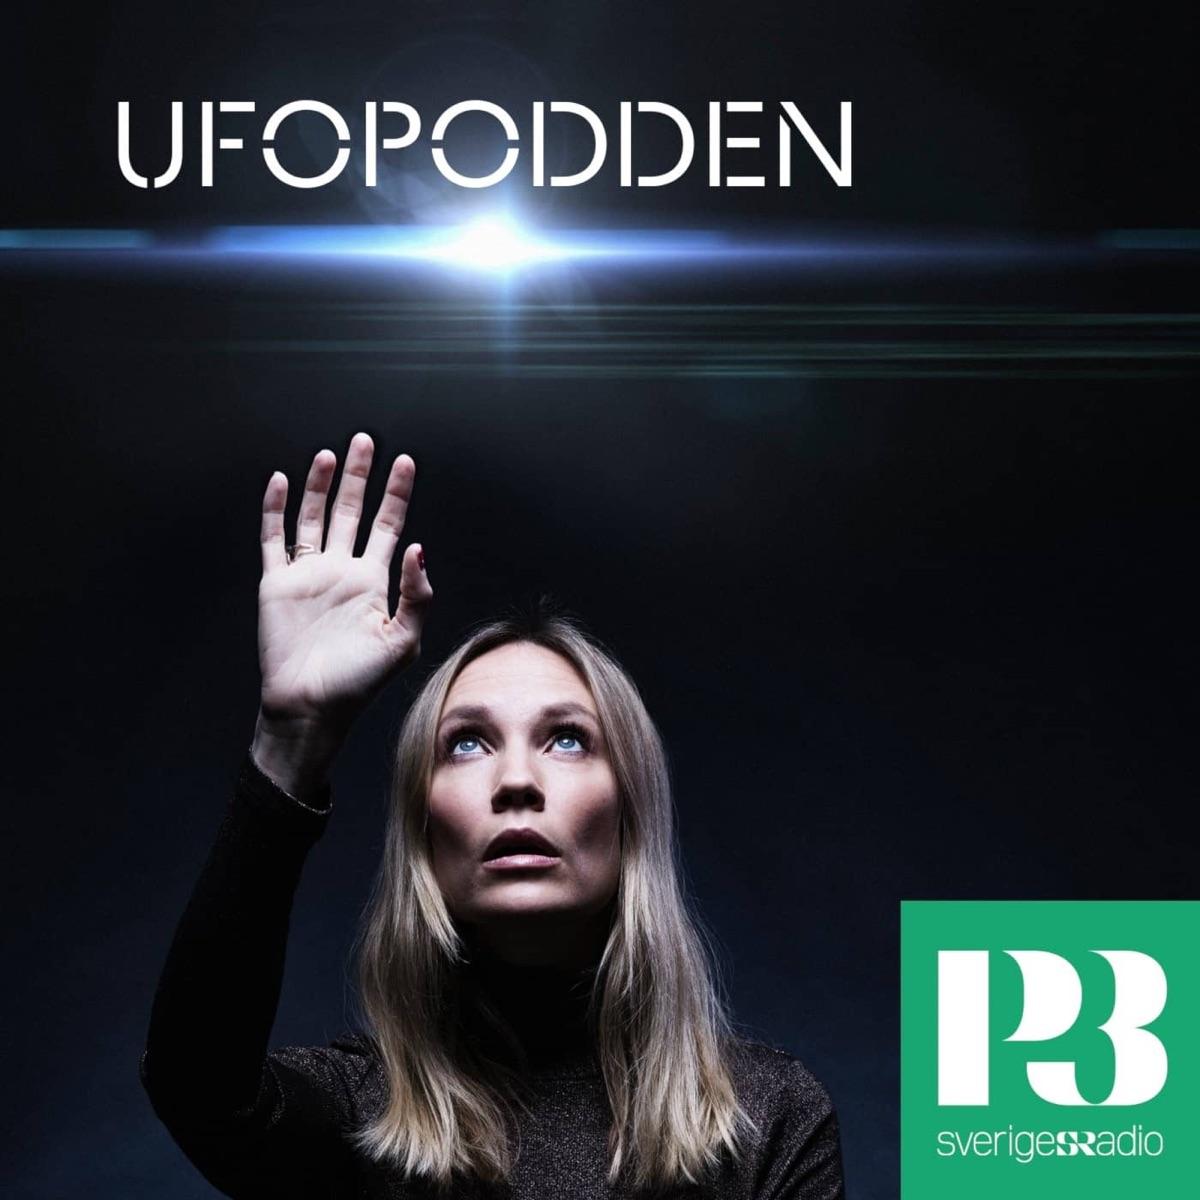 Ufopodden i P3